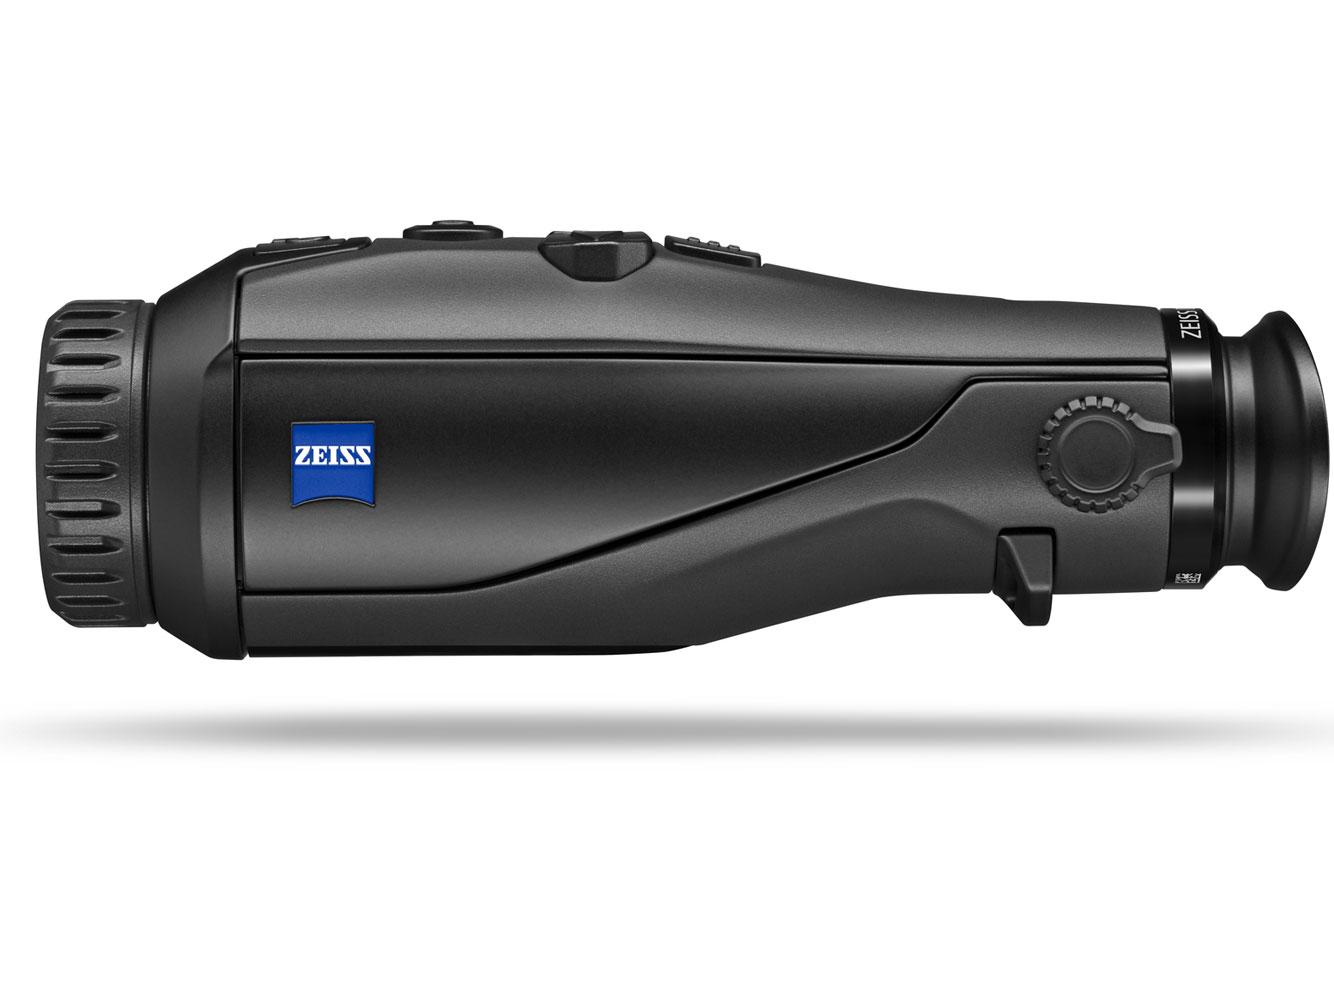 新品:蔡司将推出专门用于狩猎的红外热像仪 DTI 3/35